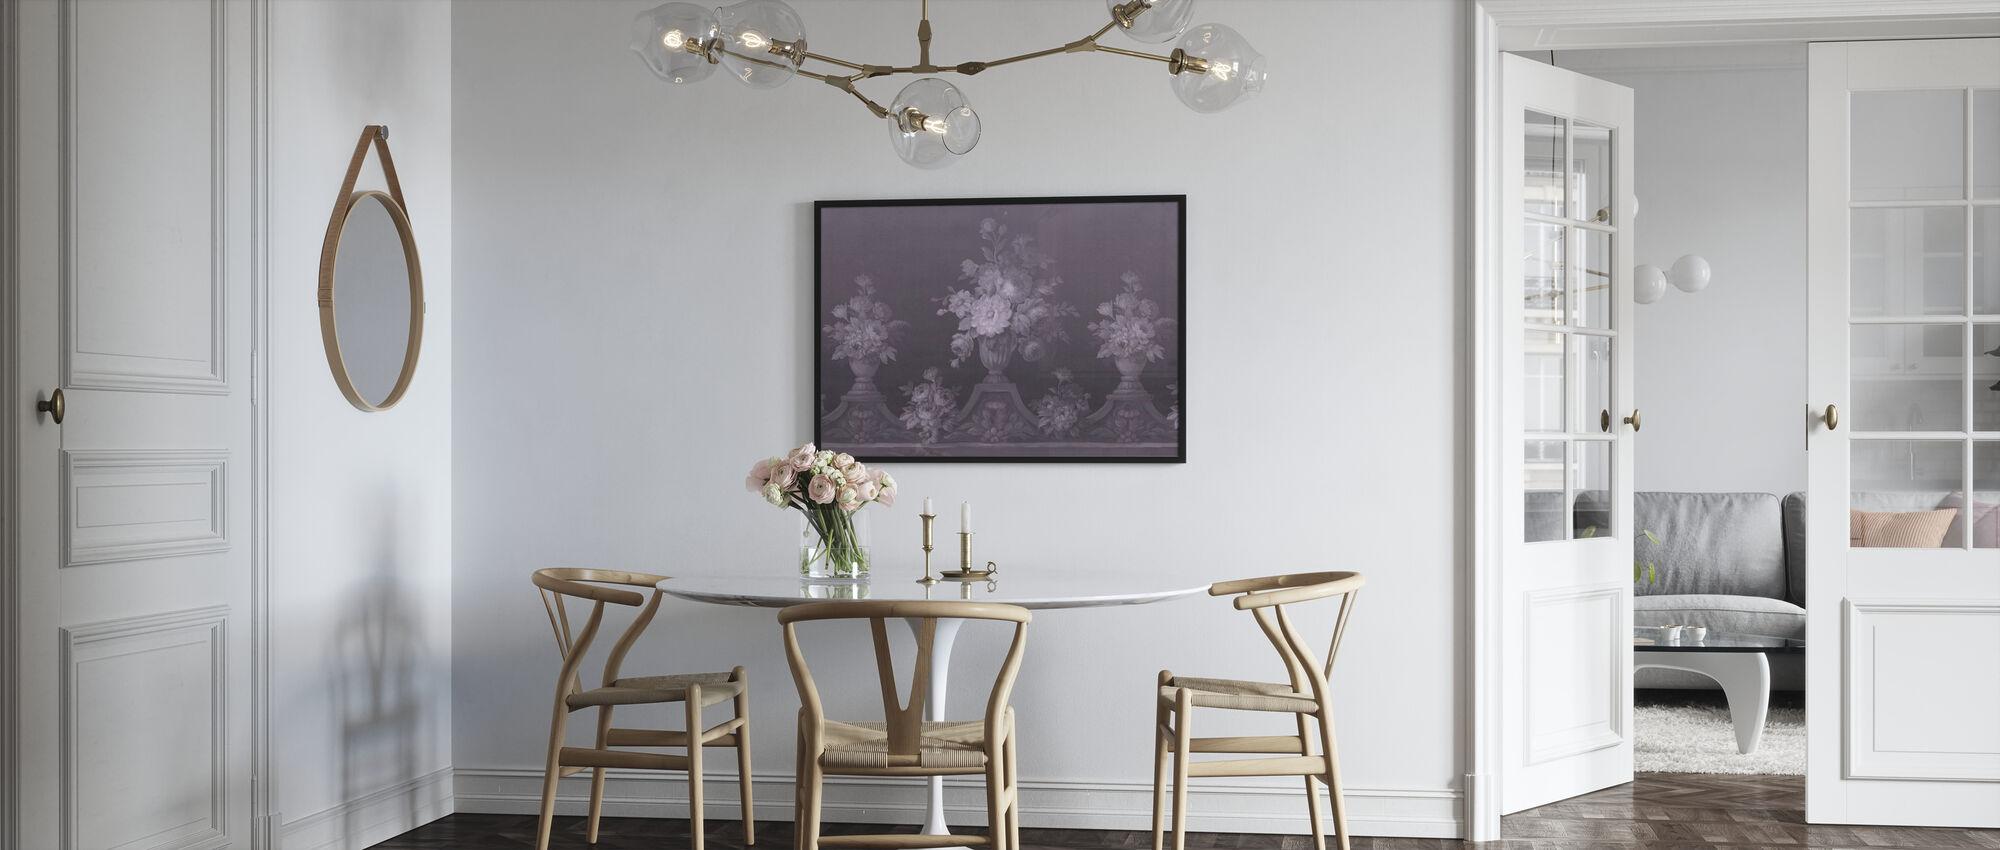 Verdant Deco - Violett - Poster - Kök